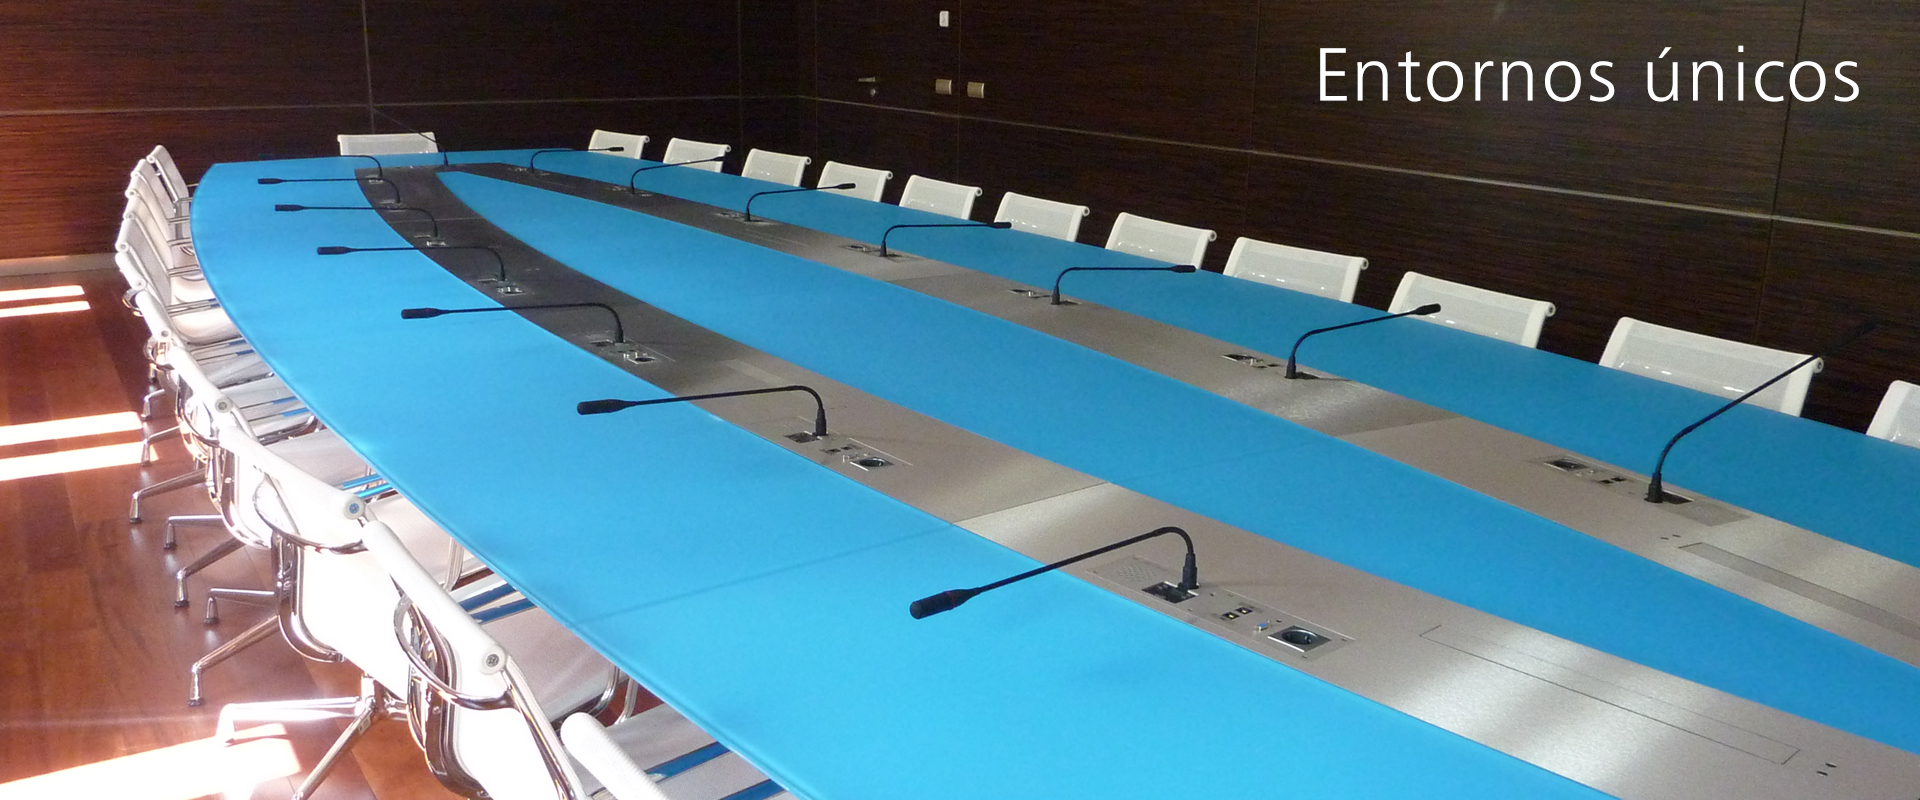 mesas para salas de reunión